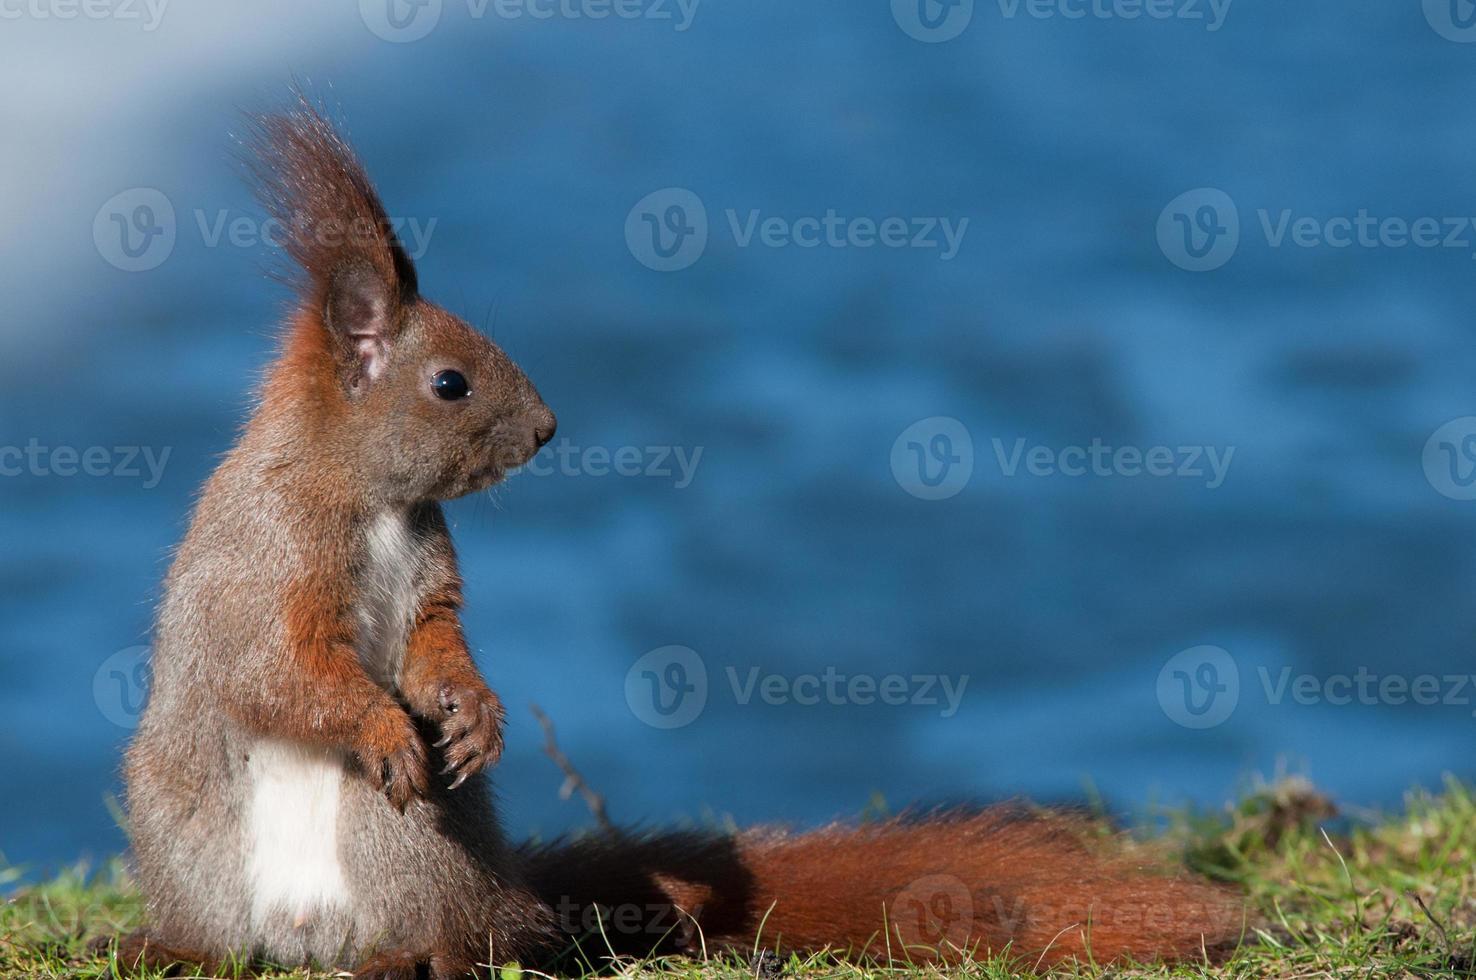 europan eekhoorn zittend op de oever van de vijver foto